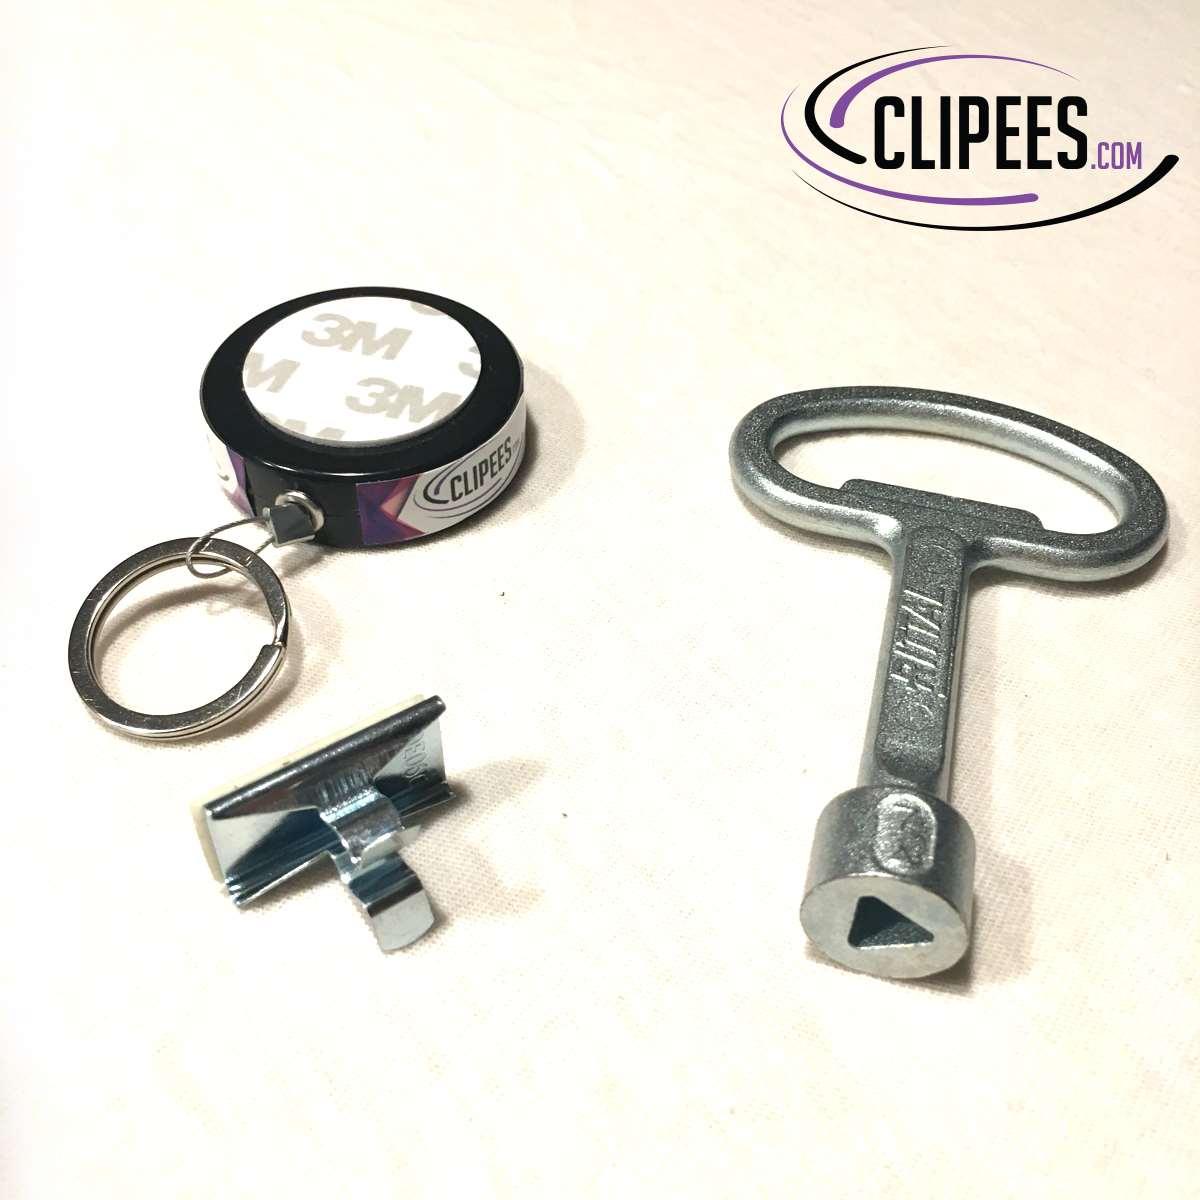 Rittal key 7 mm triangular Clipees kit black